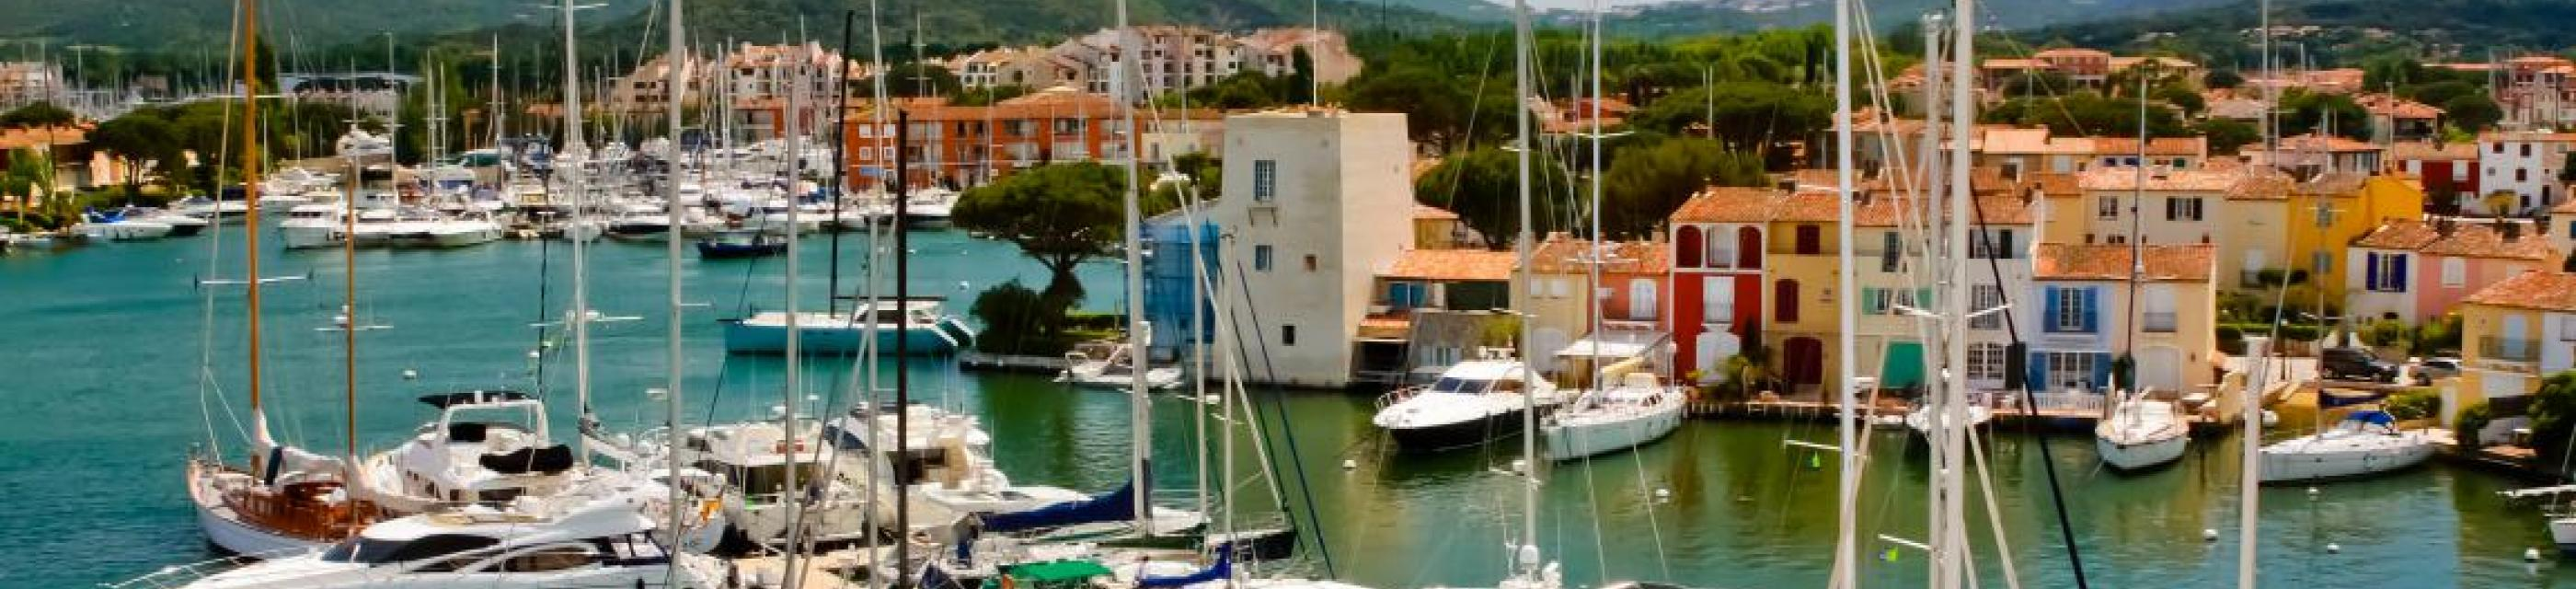 Naviguer à Port Grimaud : ce qu'il faut savoir pour découvrir la cité lacustre en bateau